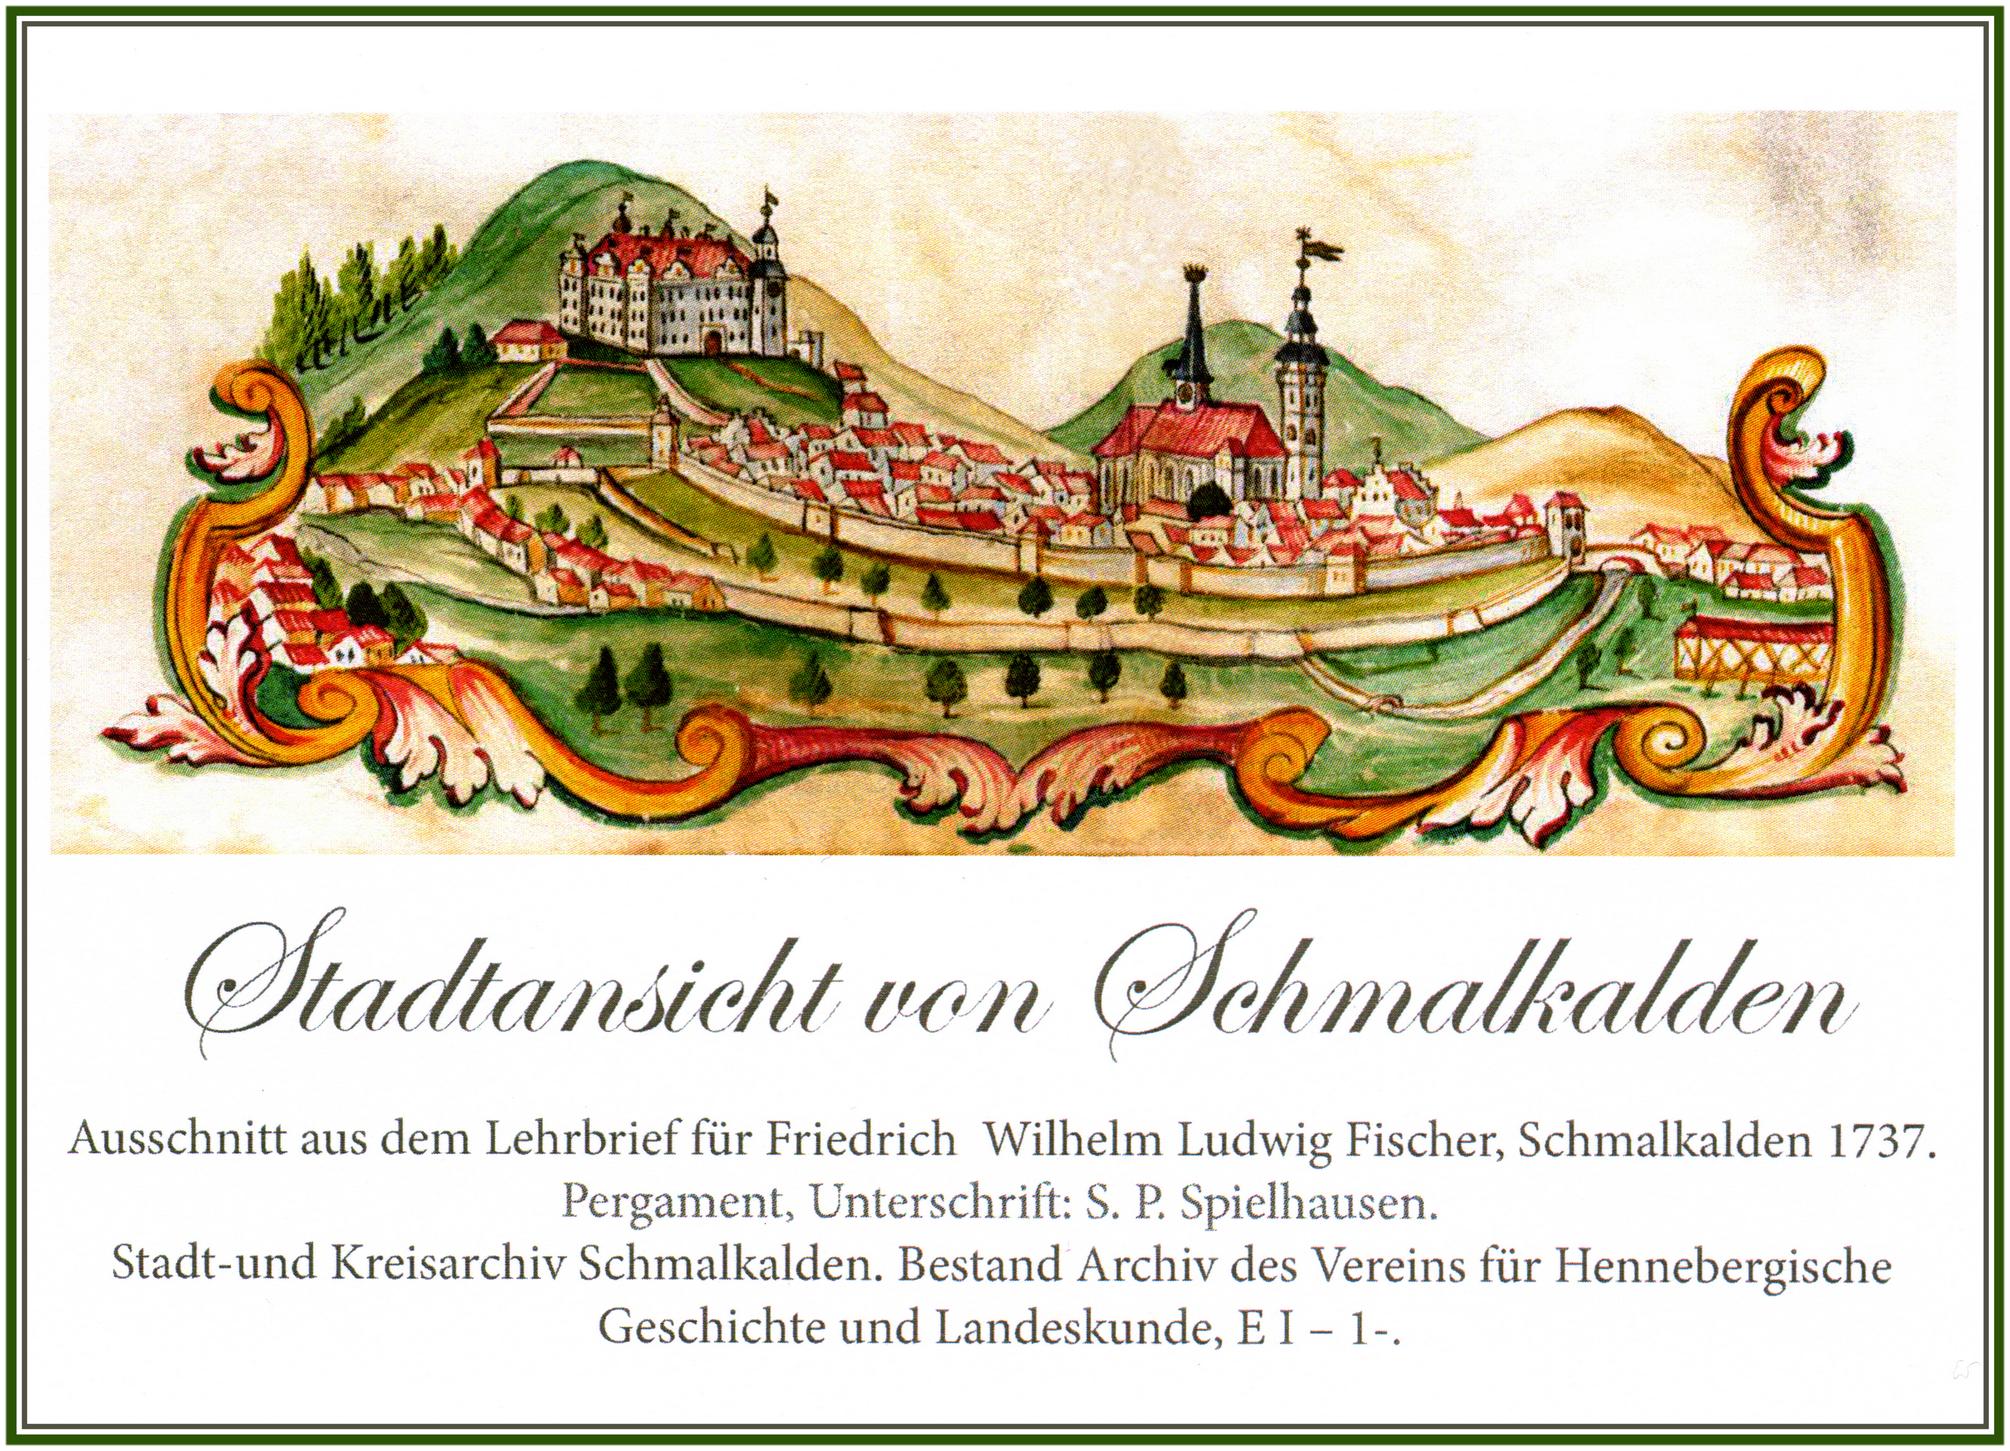 BildKarussell-Schmalkalden-1737